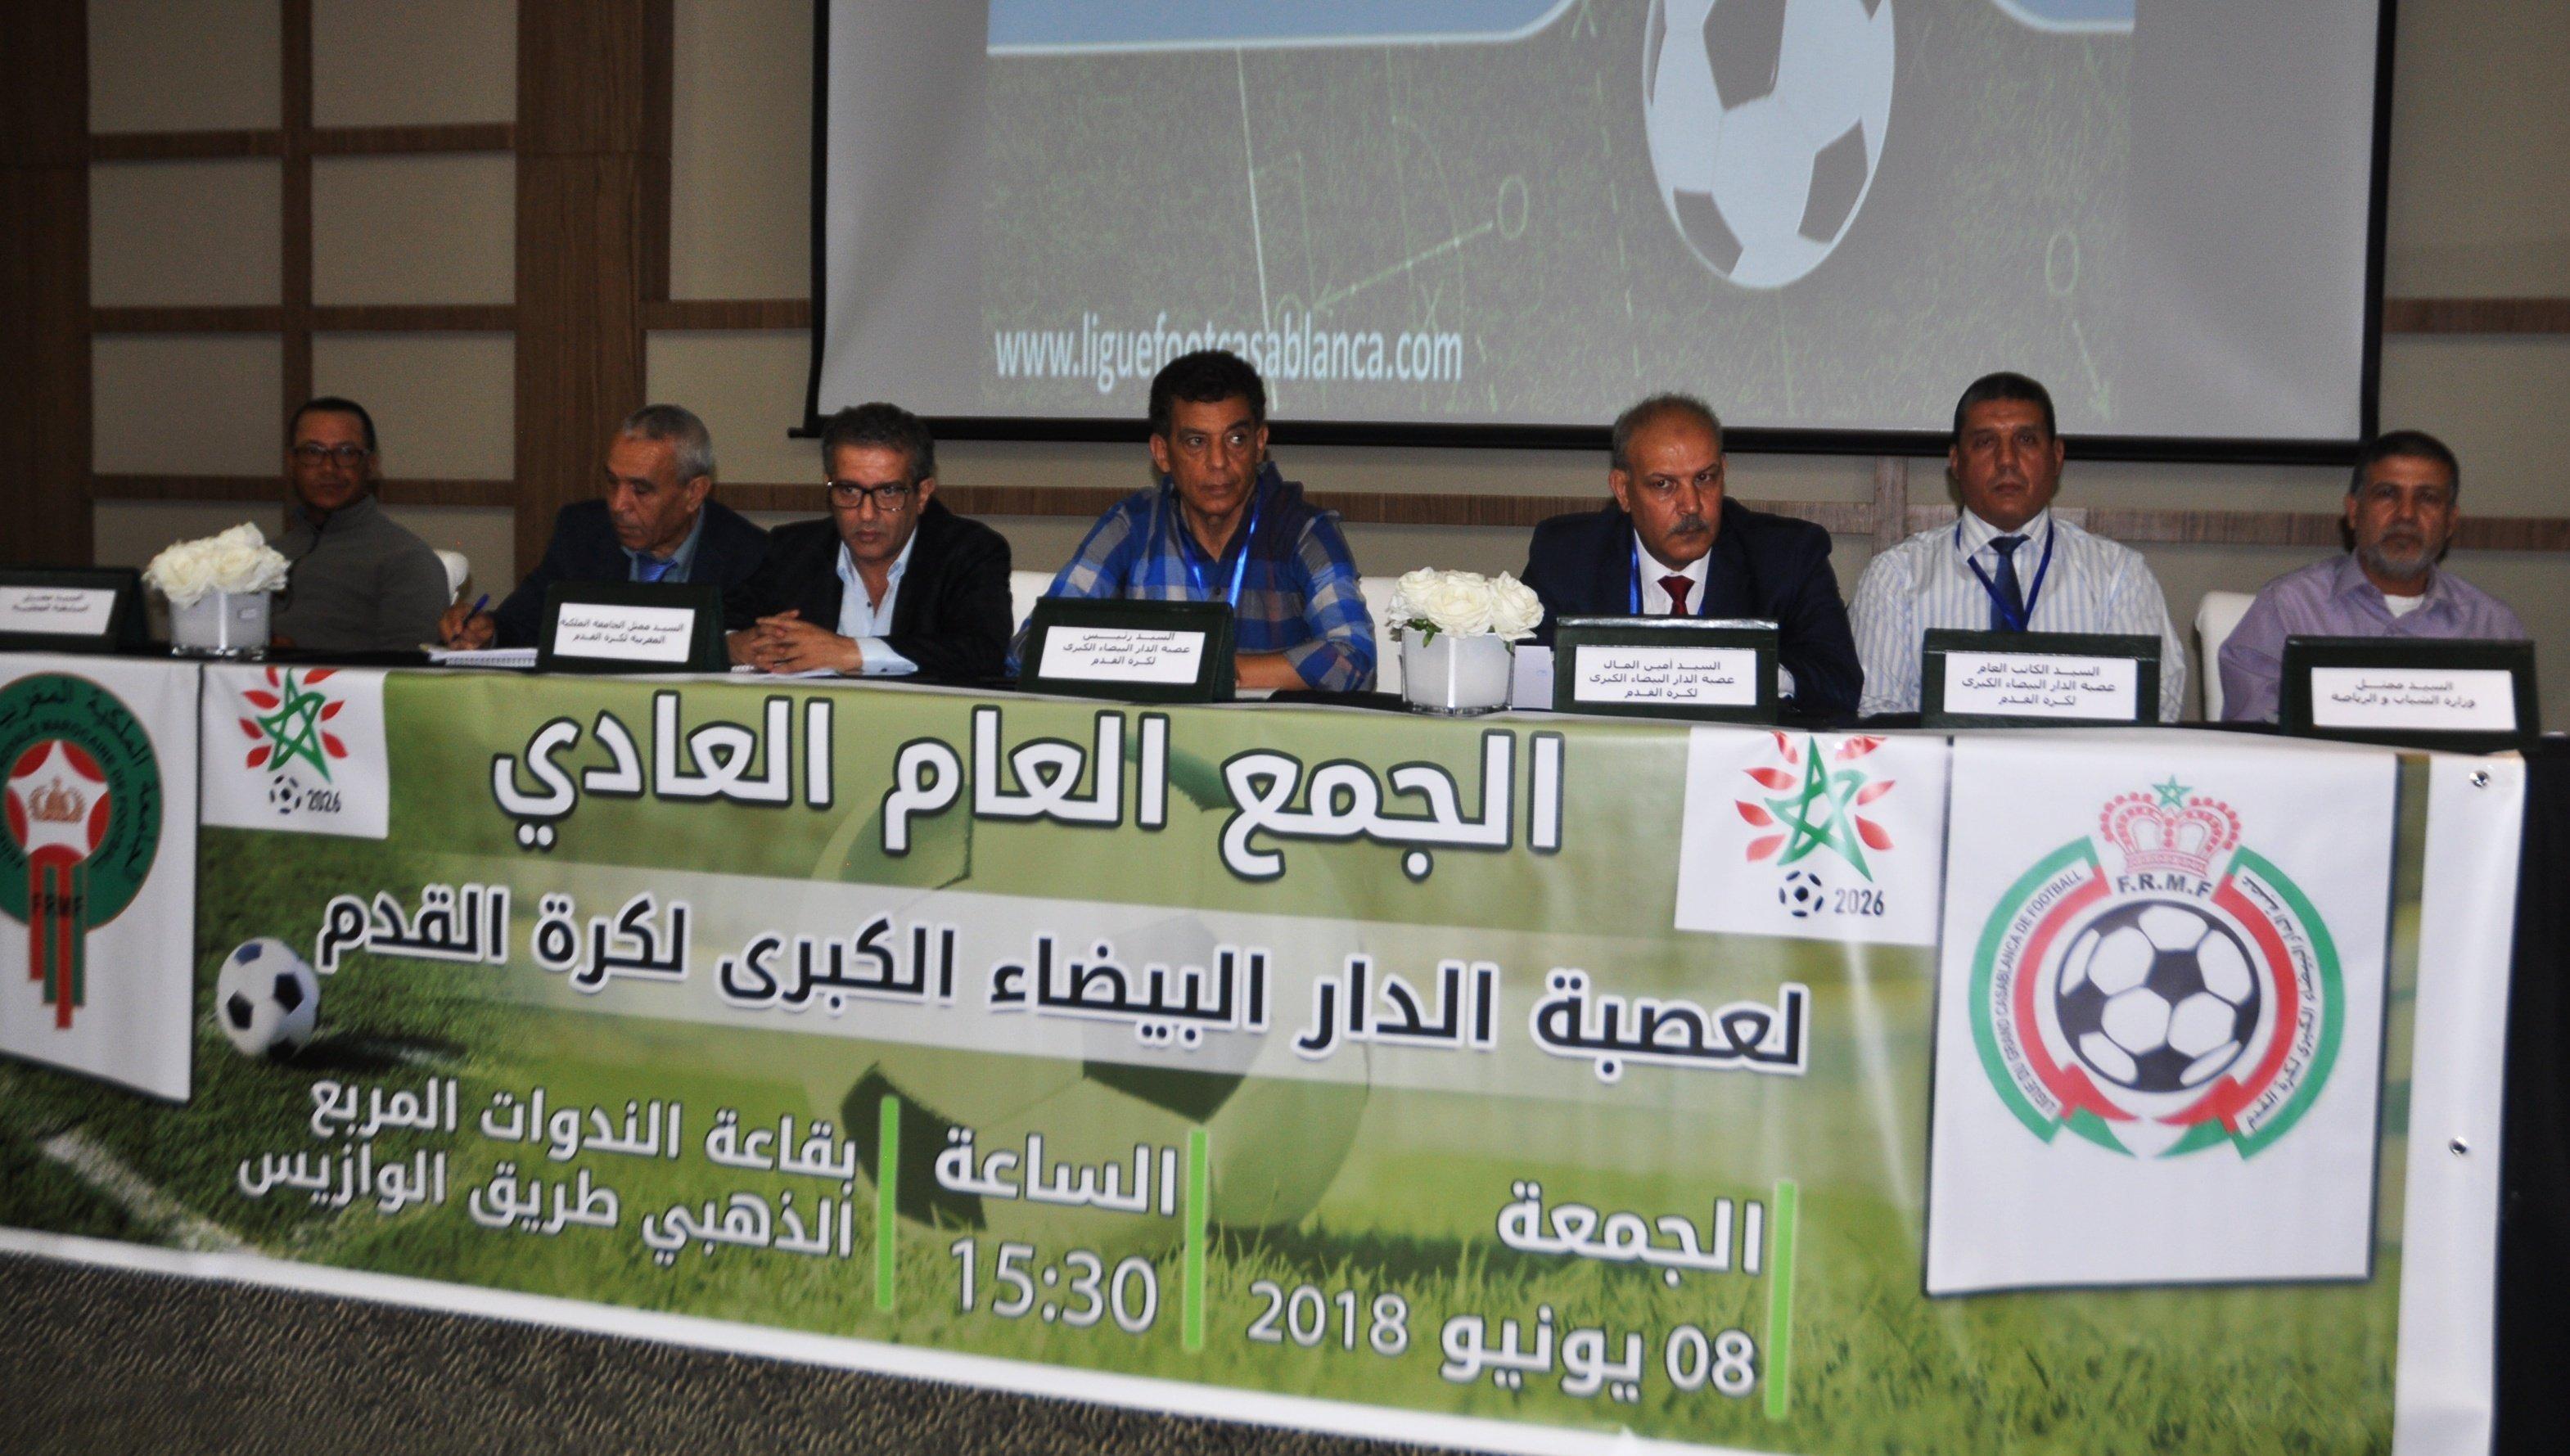 جودار رئيسا لعصبة الدار البيضاء الكبرى لكرة القدم لولاية ثانية